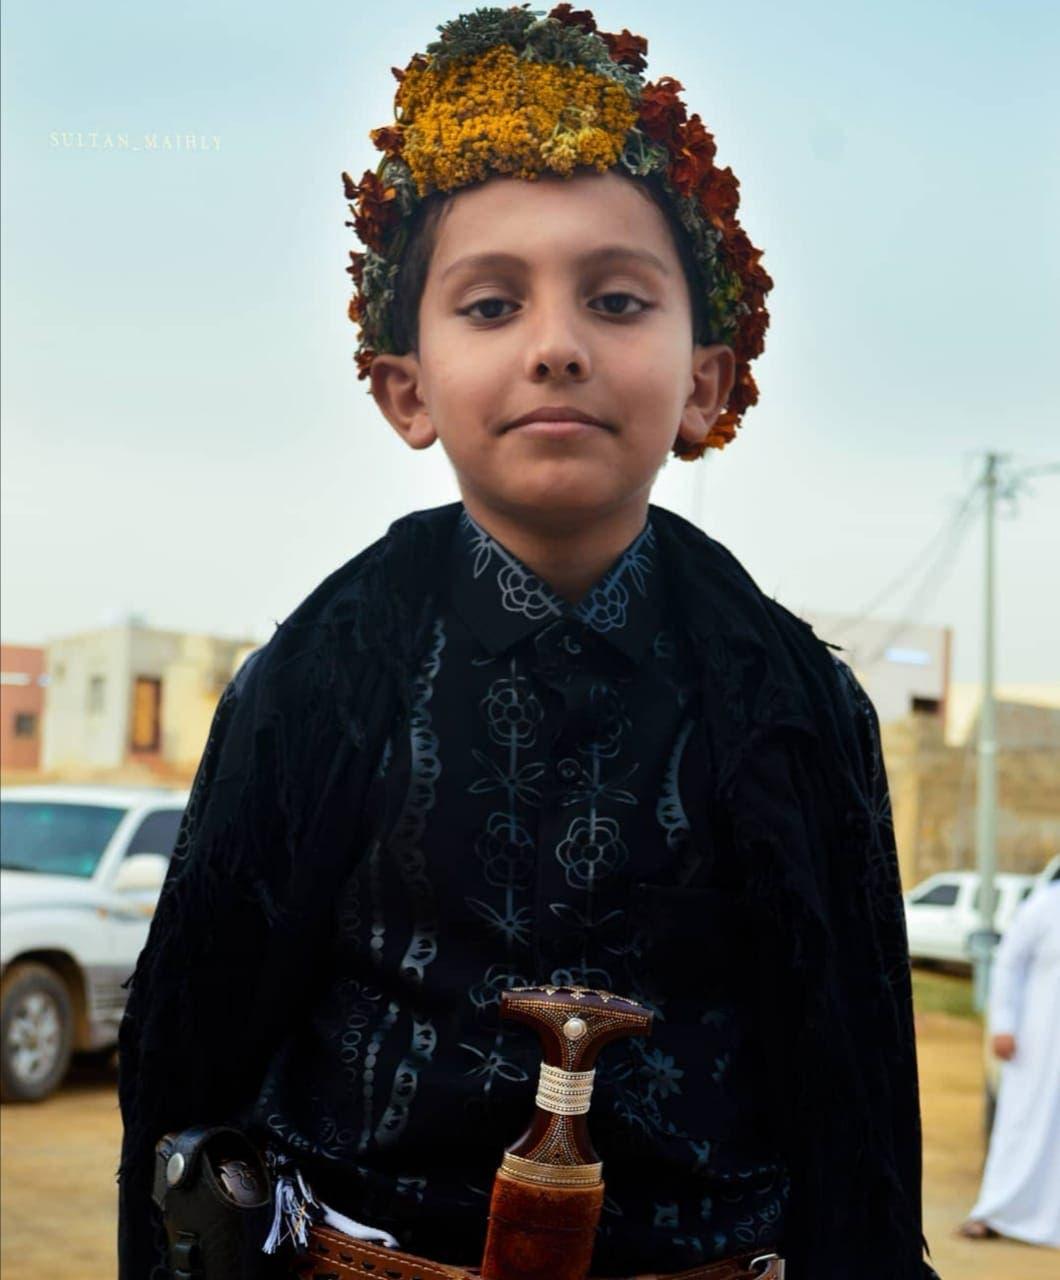 فوٹو گرافر۔ سلطان مجھلی